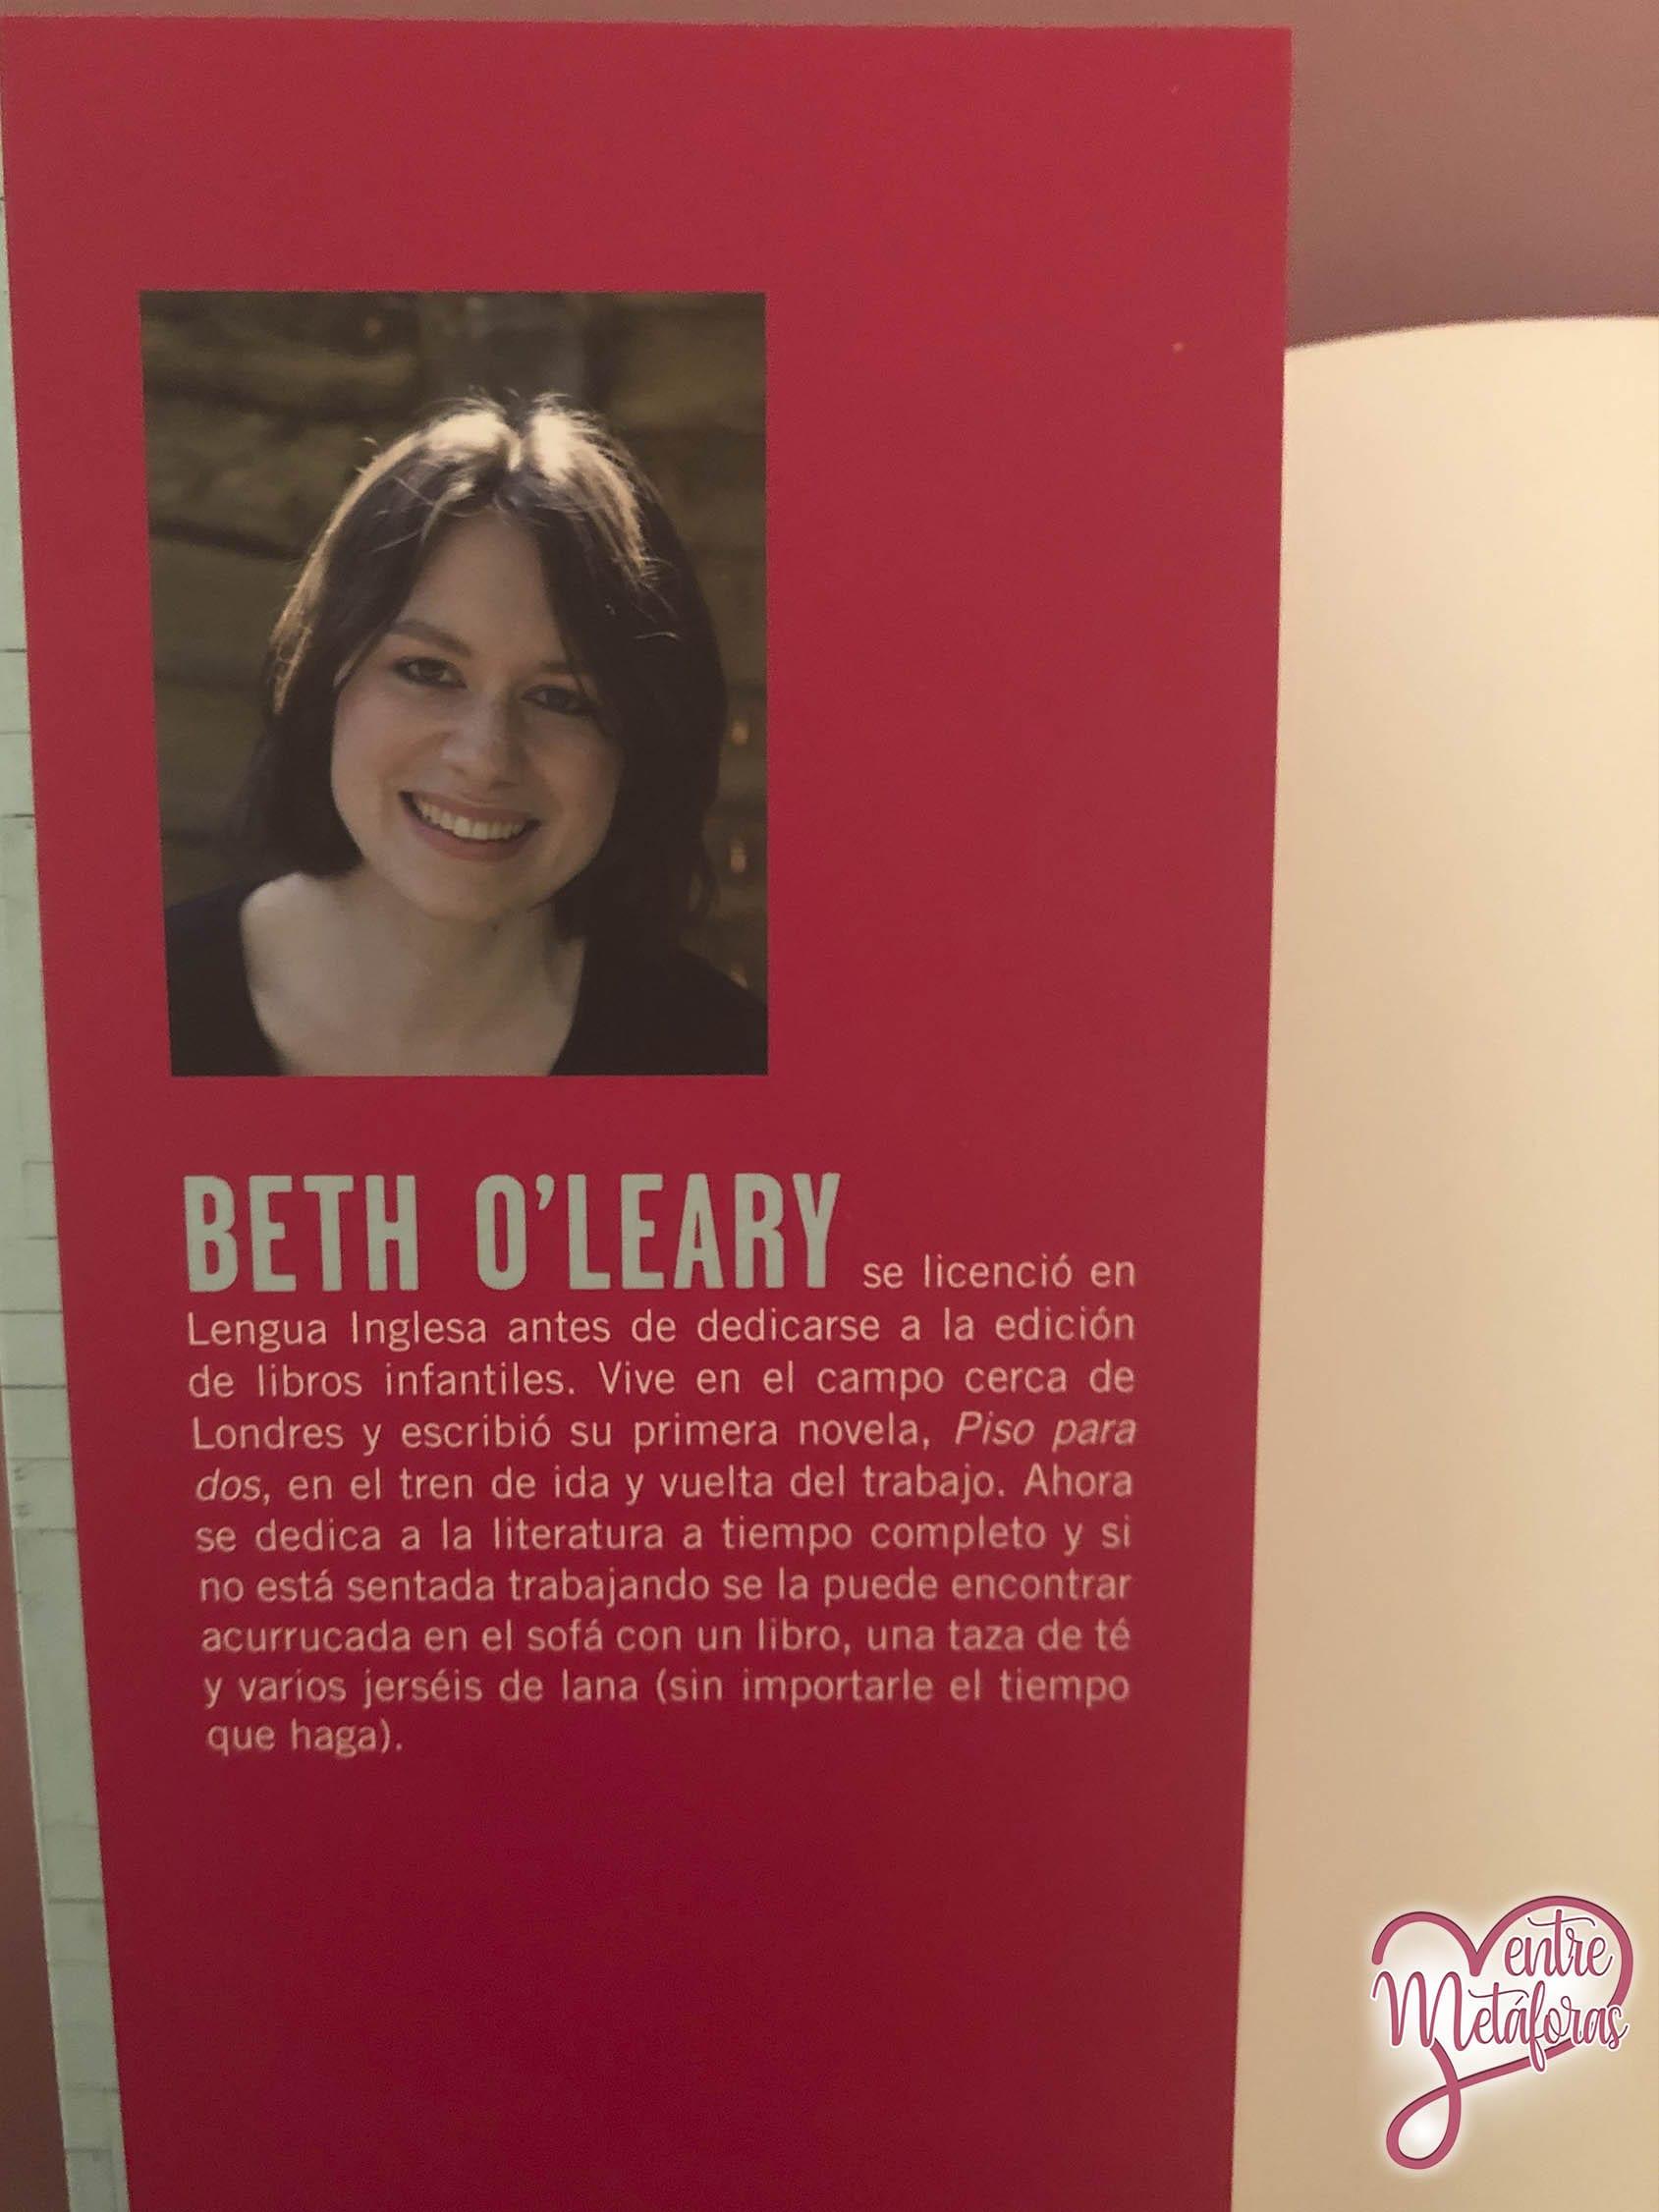 Piso para dos, de Beth O'Leary - Reseña